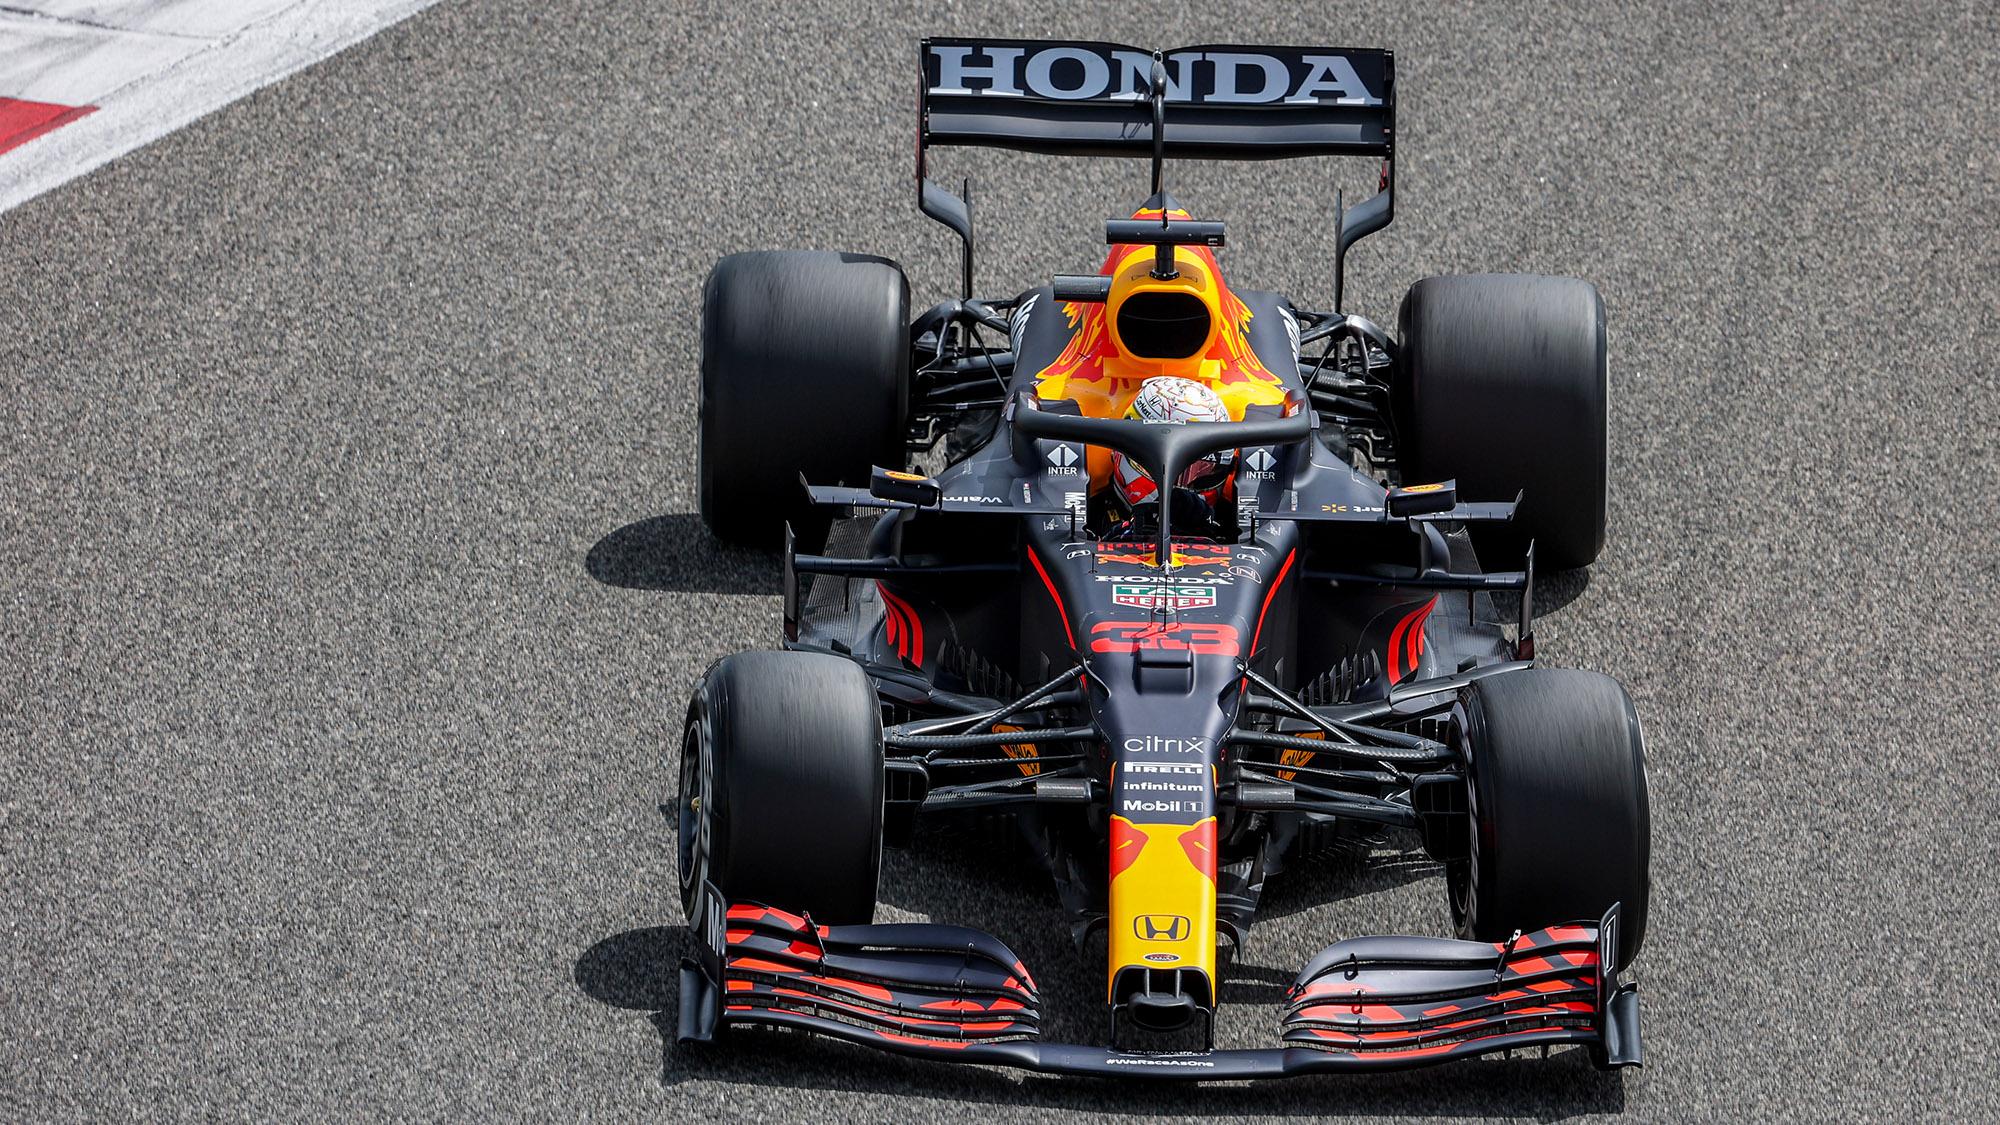 2021 Red Bull preseason testing